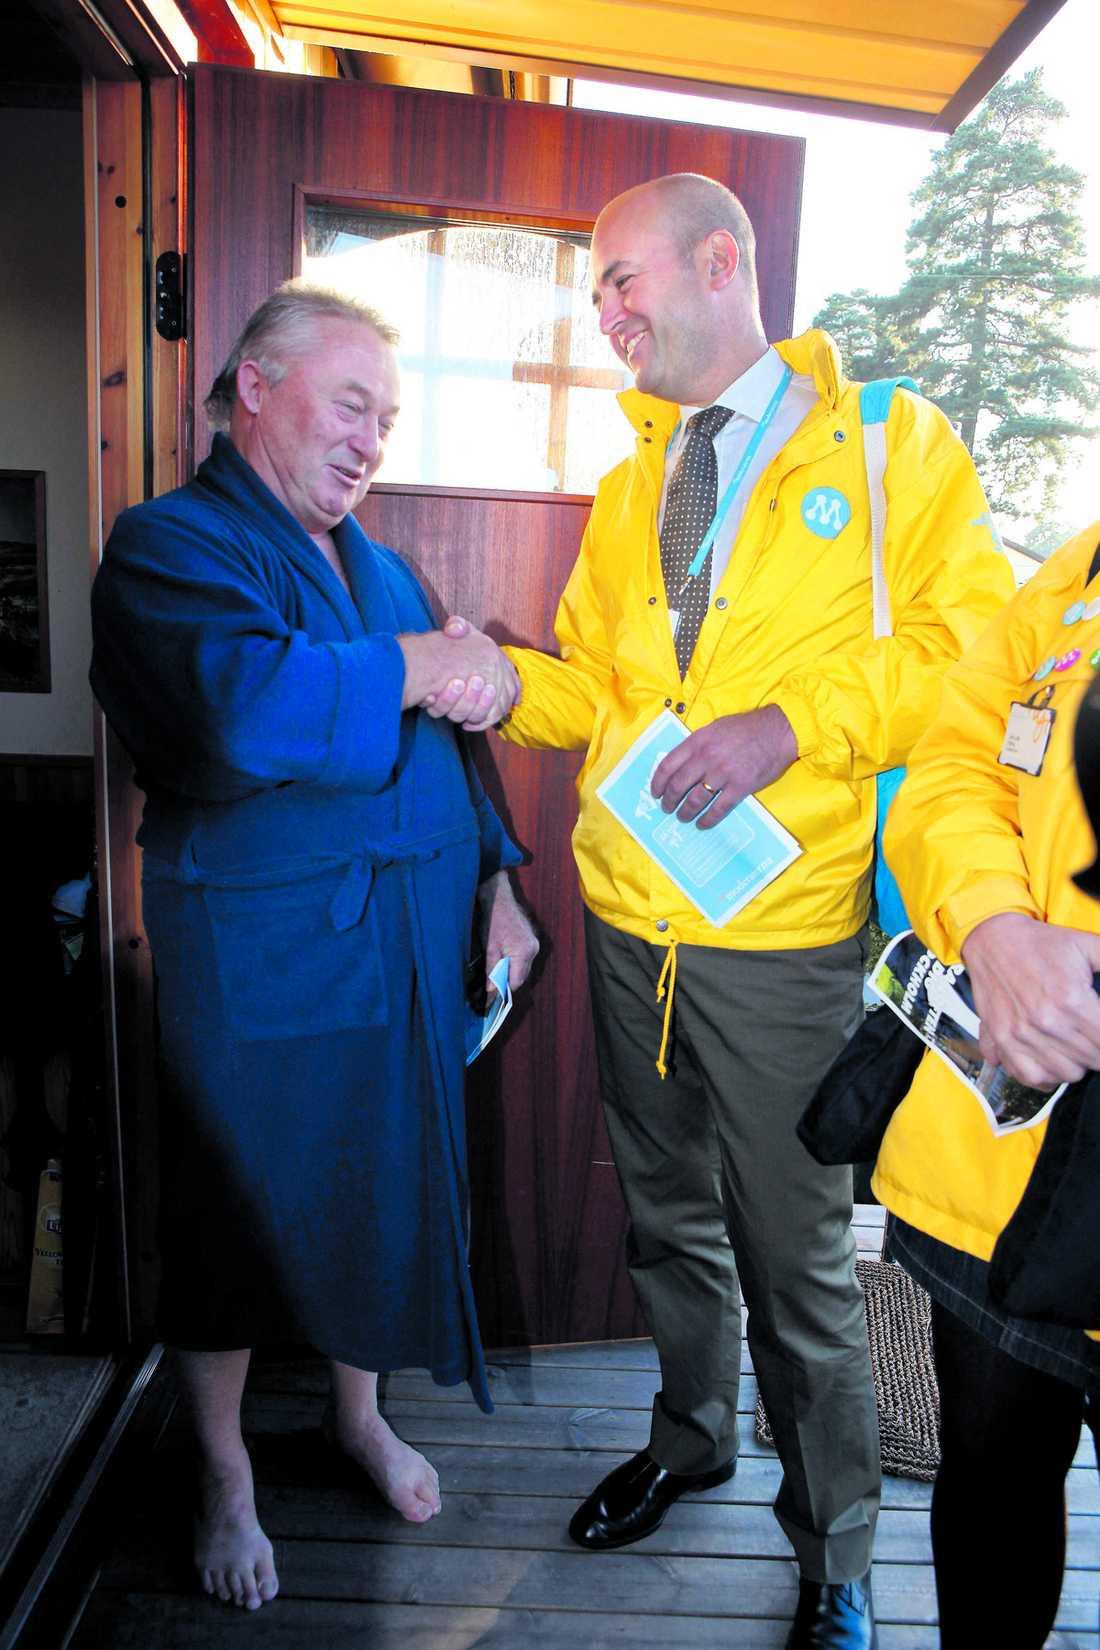 """OVÄNTAT BESÖK Lennart Bjertsjö pratar i telefon när statsministern plötsligt knackar på huset i Gubbängen, i södra Stockholm. """"Du, jag måste lägga på nu. Reinfeldt är här""""."""